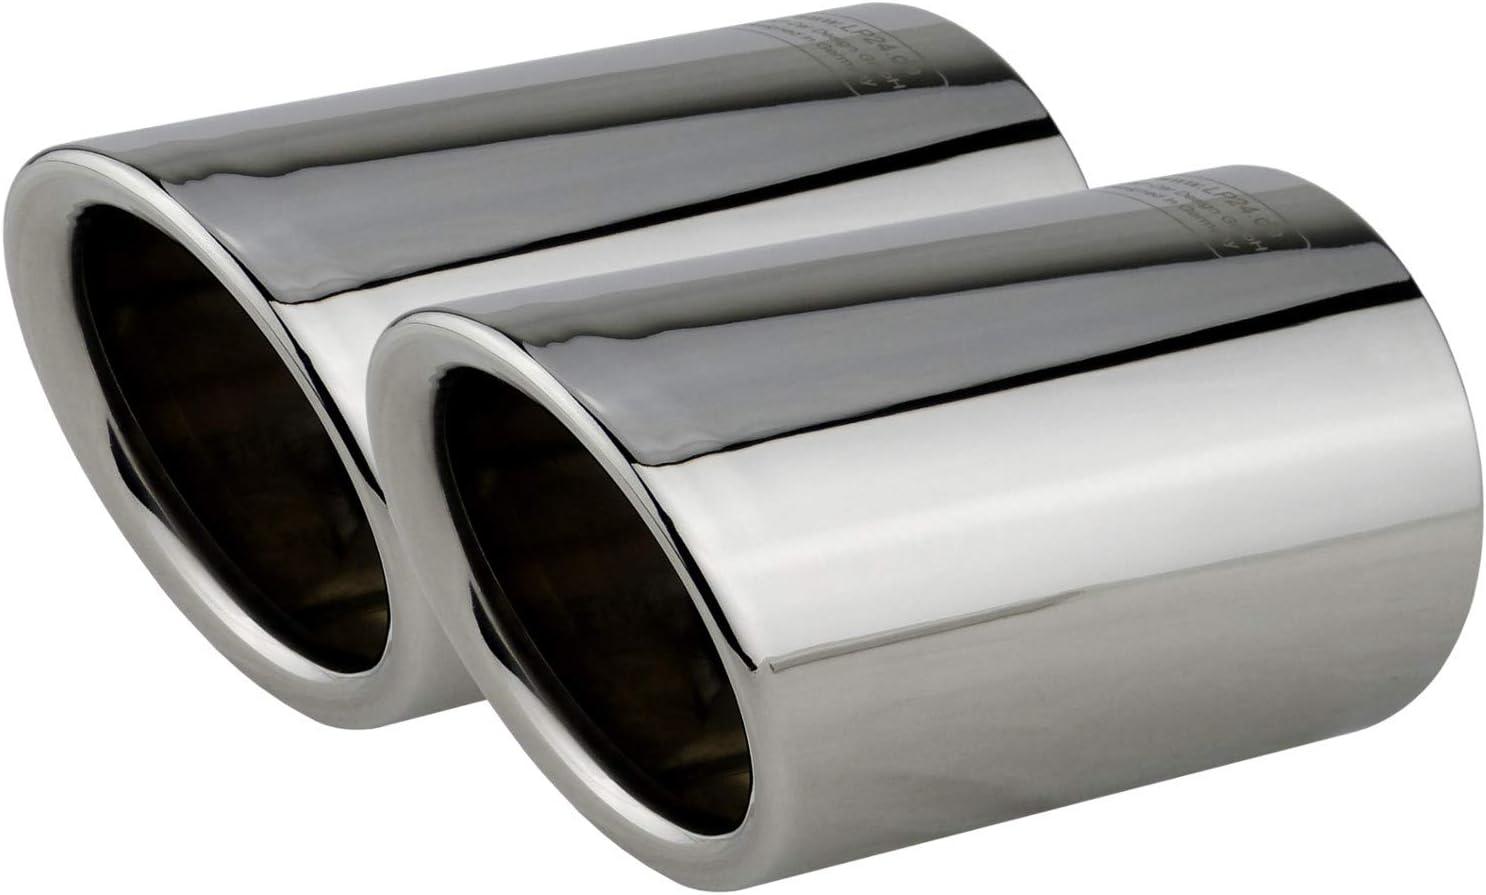 L P A290 2 Auspuffblenden Auspuffblende Chrom Edelstahl Spiegel Poliert Plug Play Endrohrblenden Endrohrblende Auspuff Blende Für 60mm Endrohre Auto